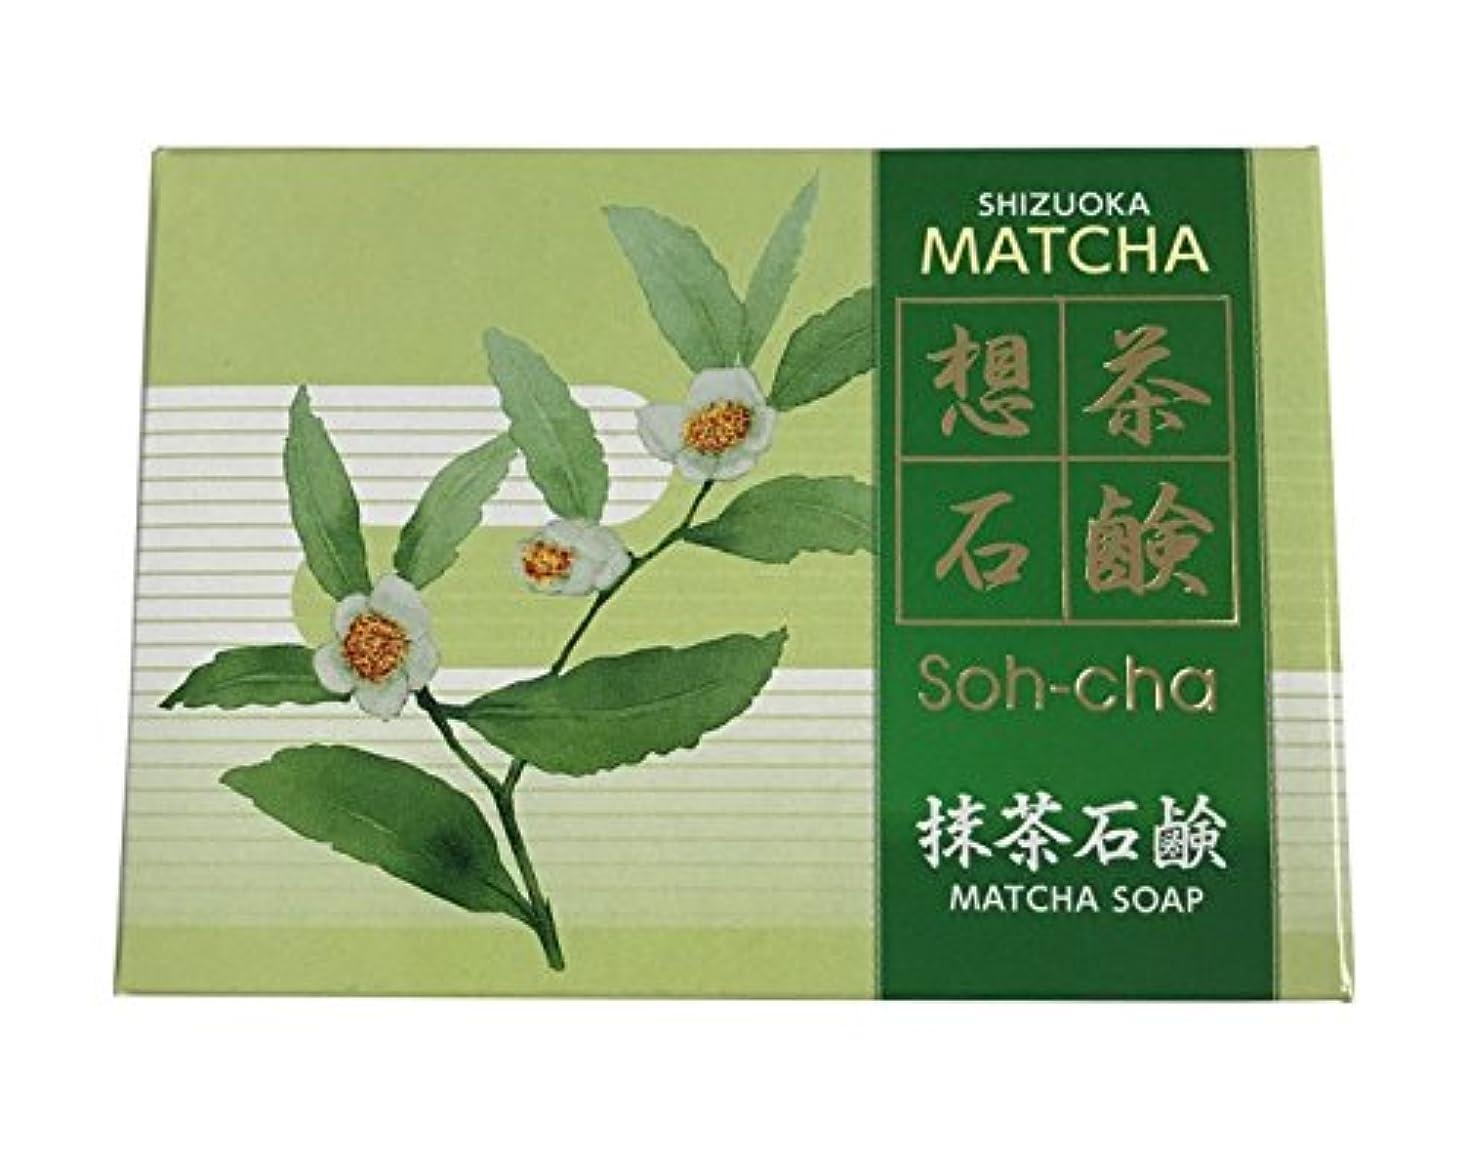 情熱的スキームネックレットフロムS 想茶石鹸 抹茶 (泡立てネット付) 80g